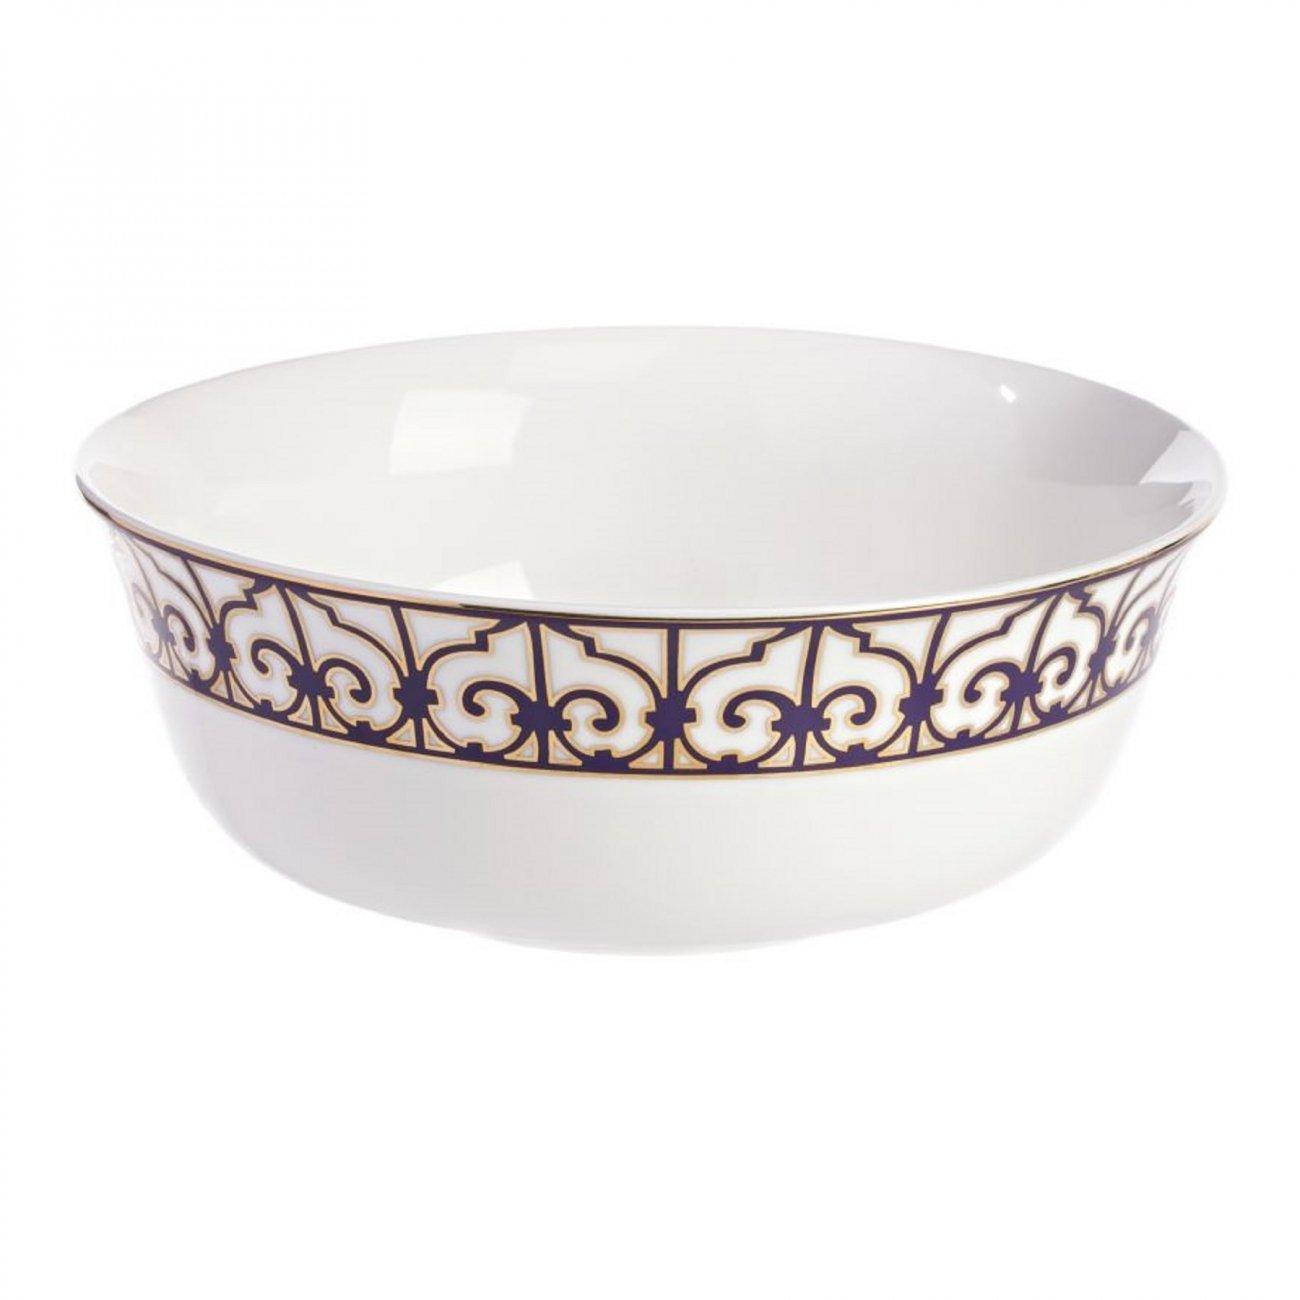 Купить Салатник Violet Dreams в интернет магазине дизайнерской мебели и аксессуаров для дома и дачи